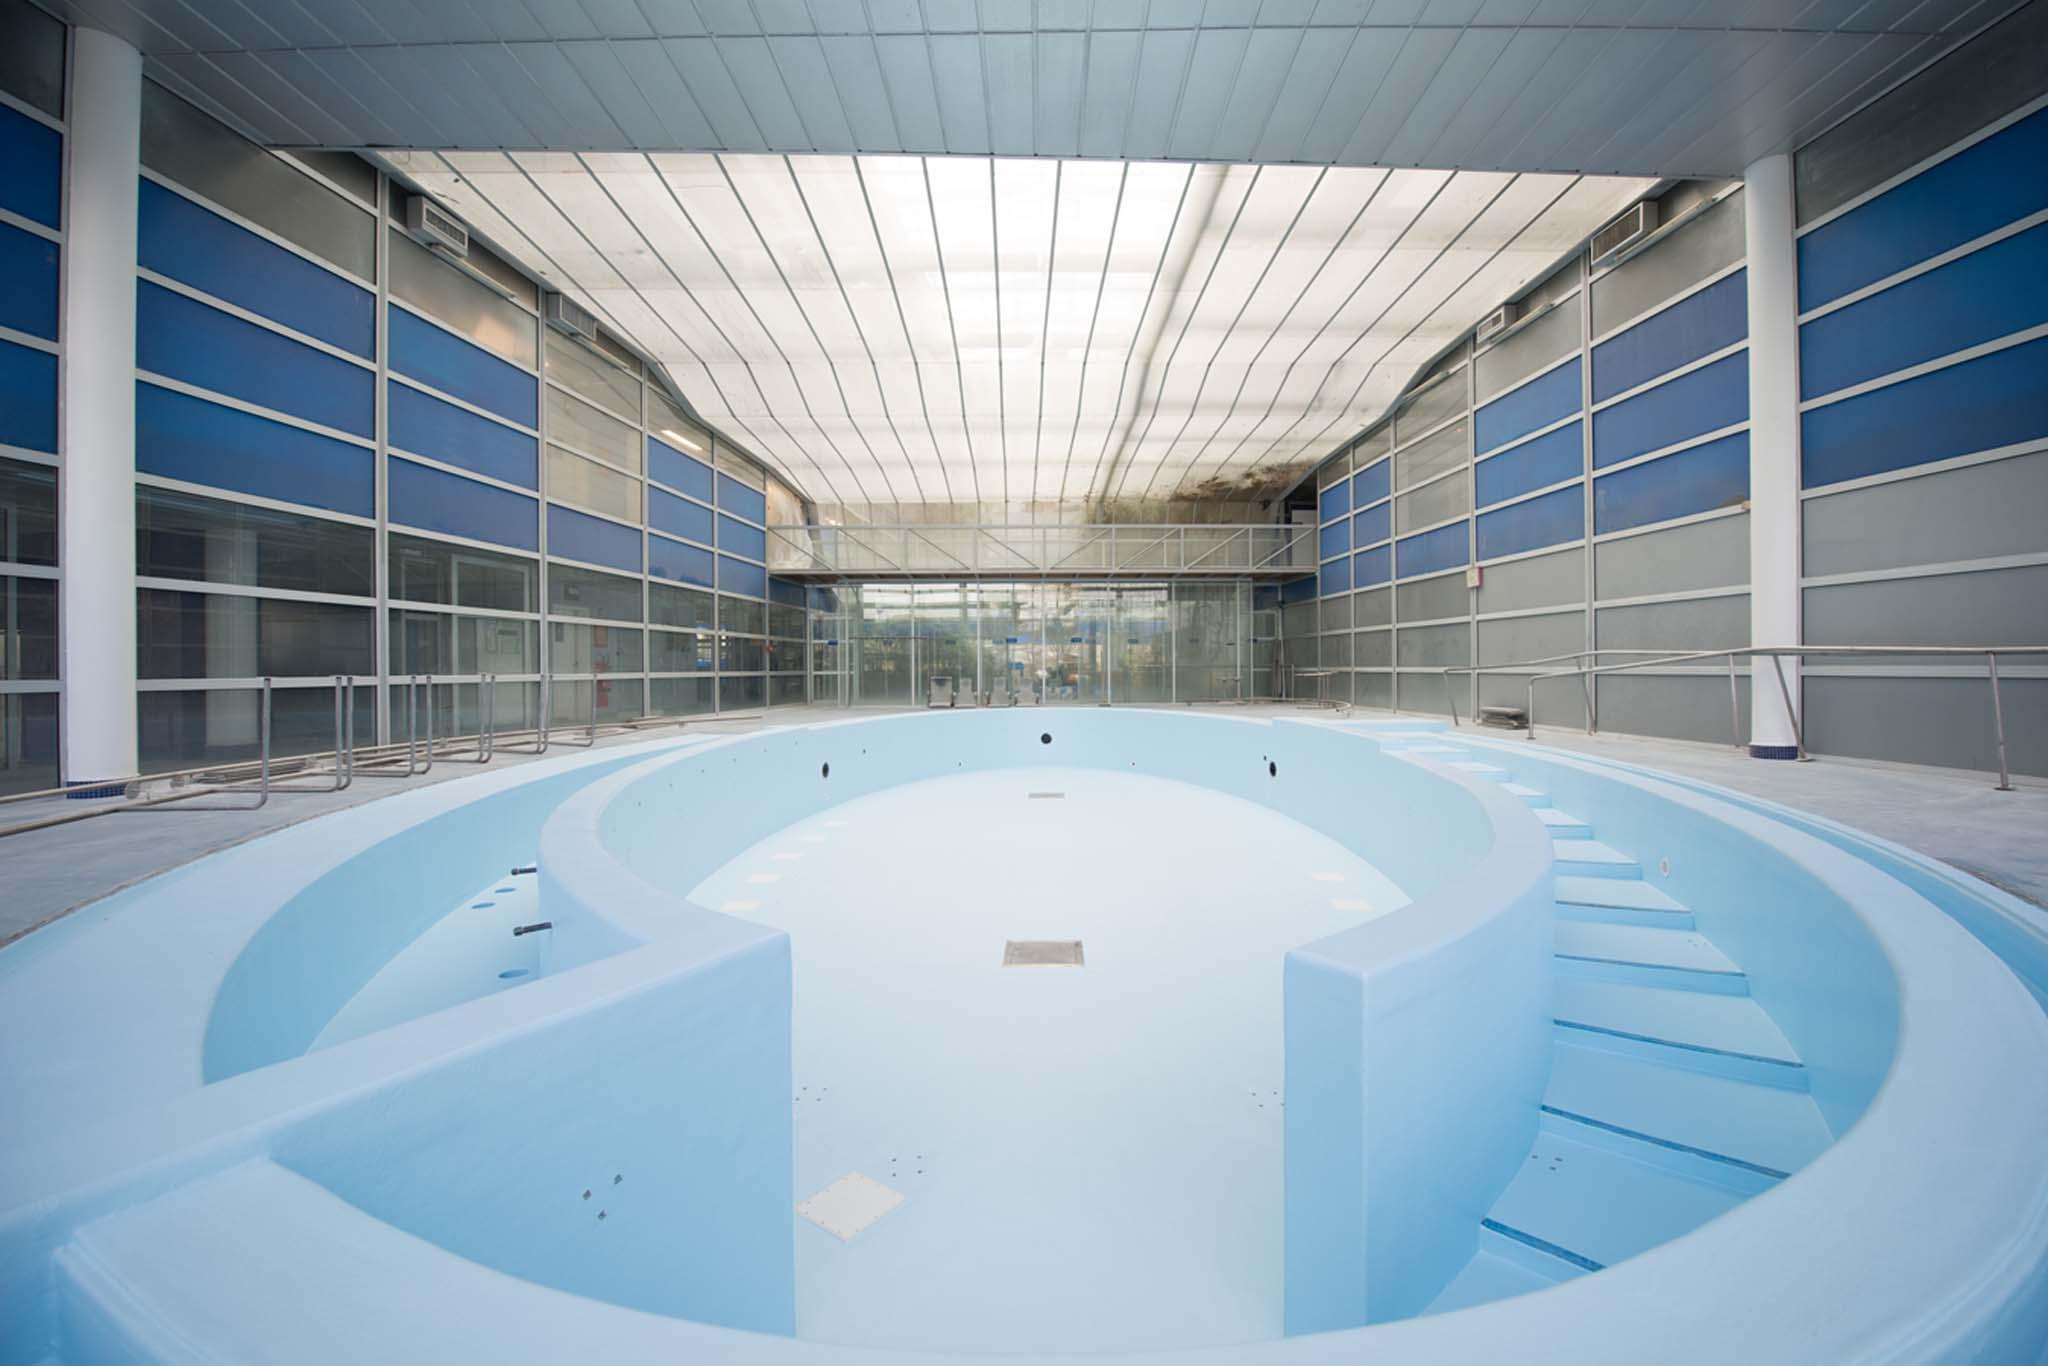 Les thermes de jean nouvel dax la nouvelle piscine termin e for Piscine les thermes luxembourg